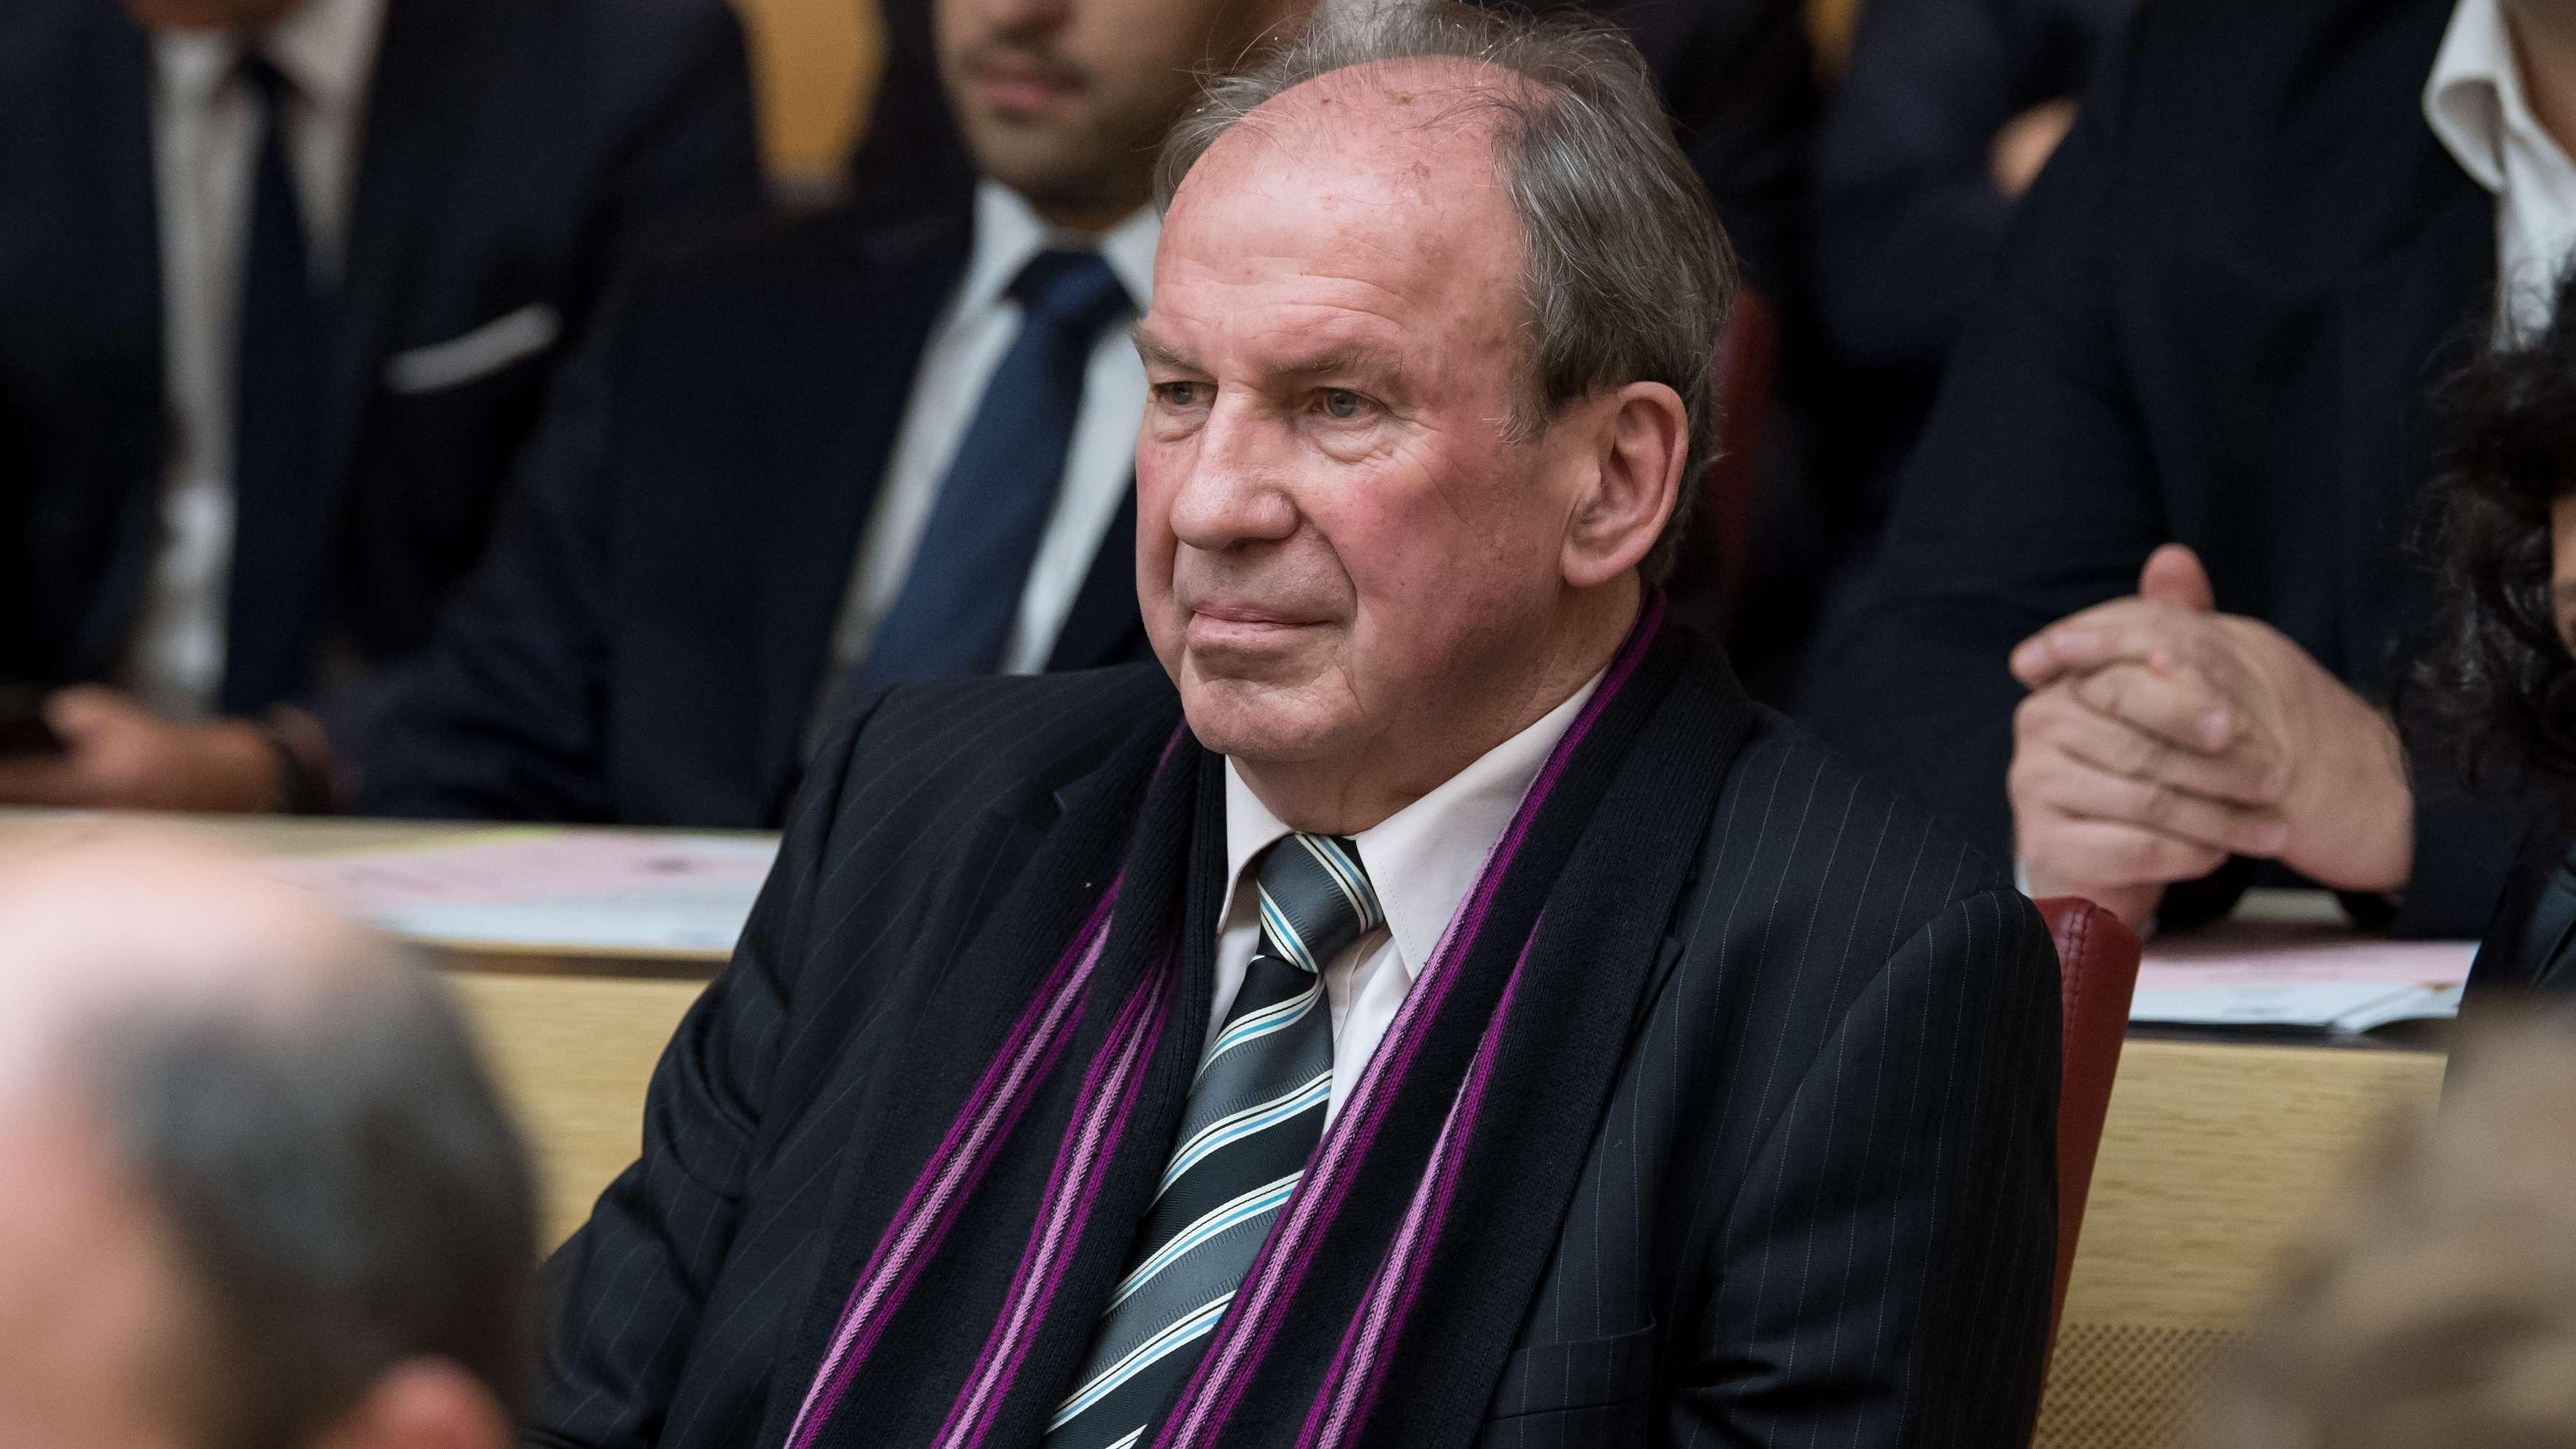 5.11., München: Raimund Swoboda im Landtag